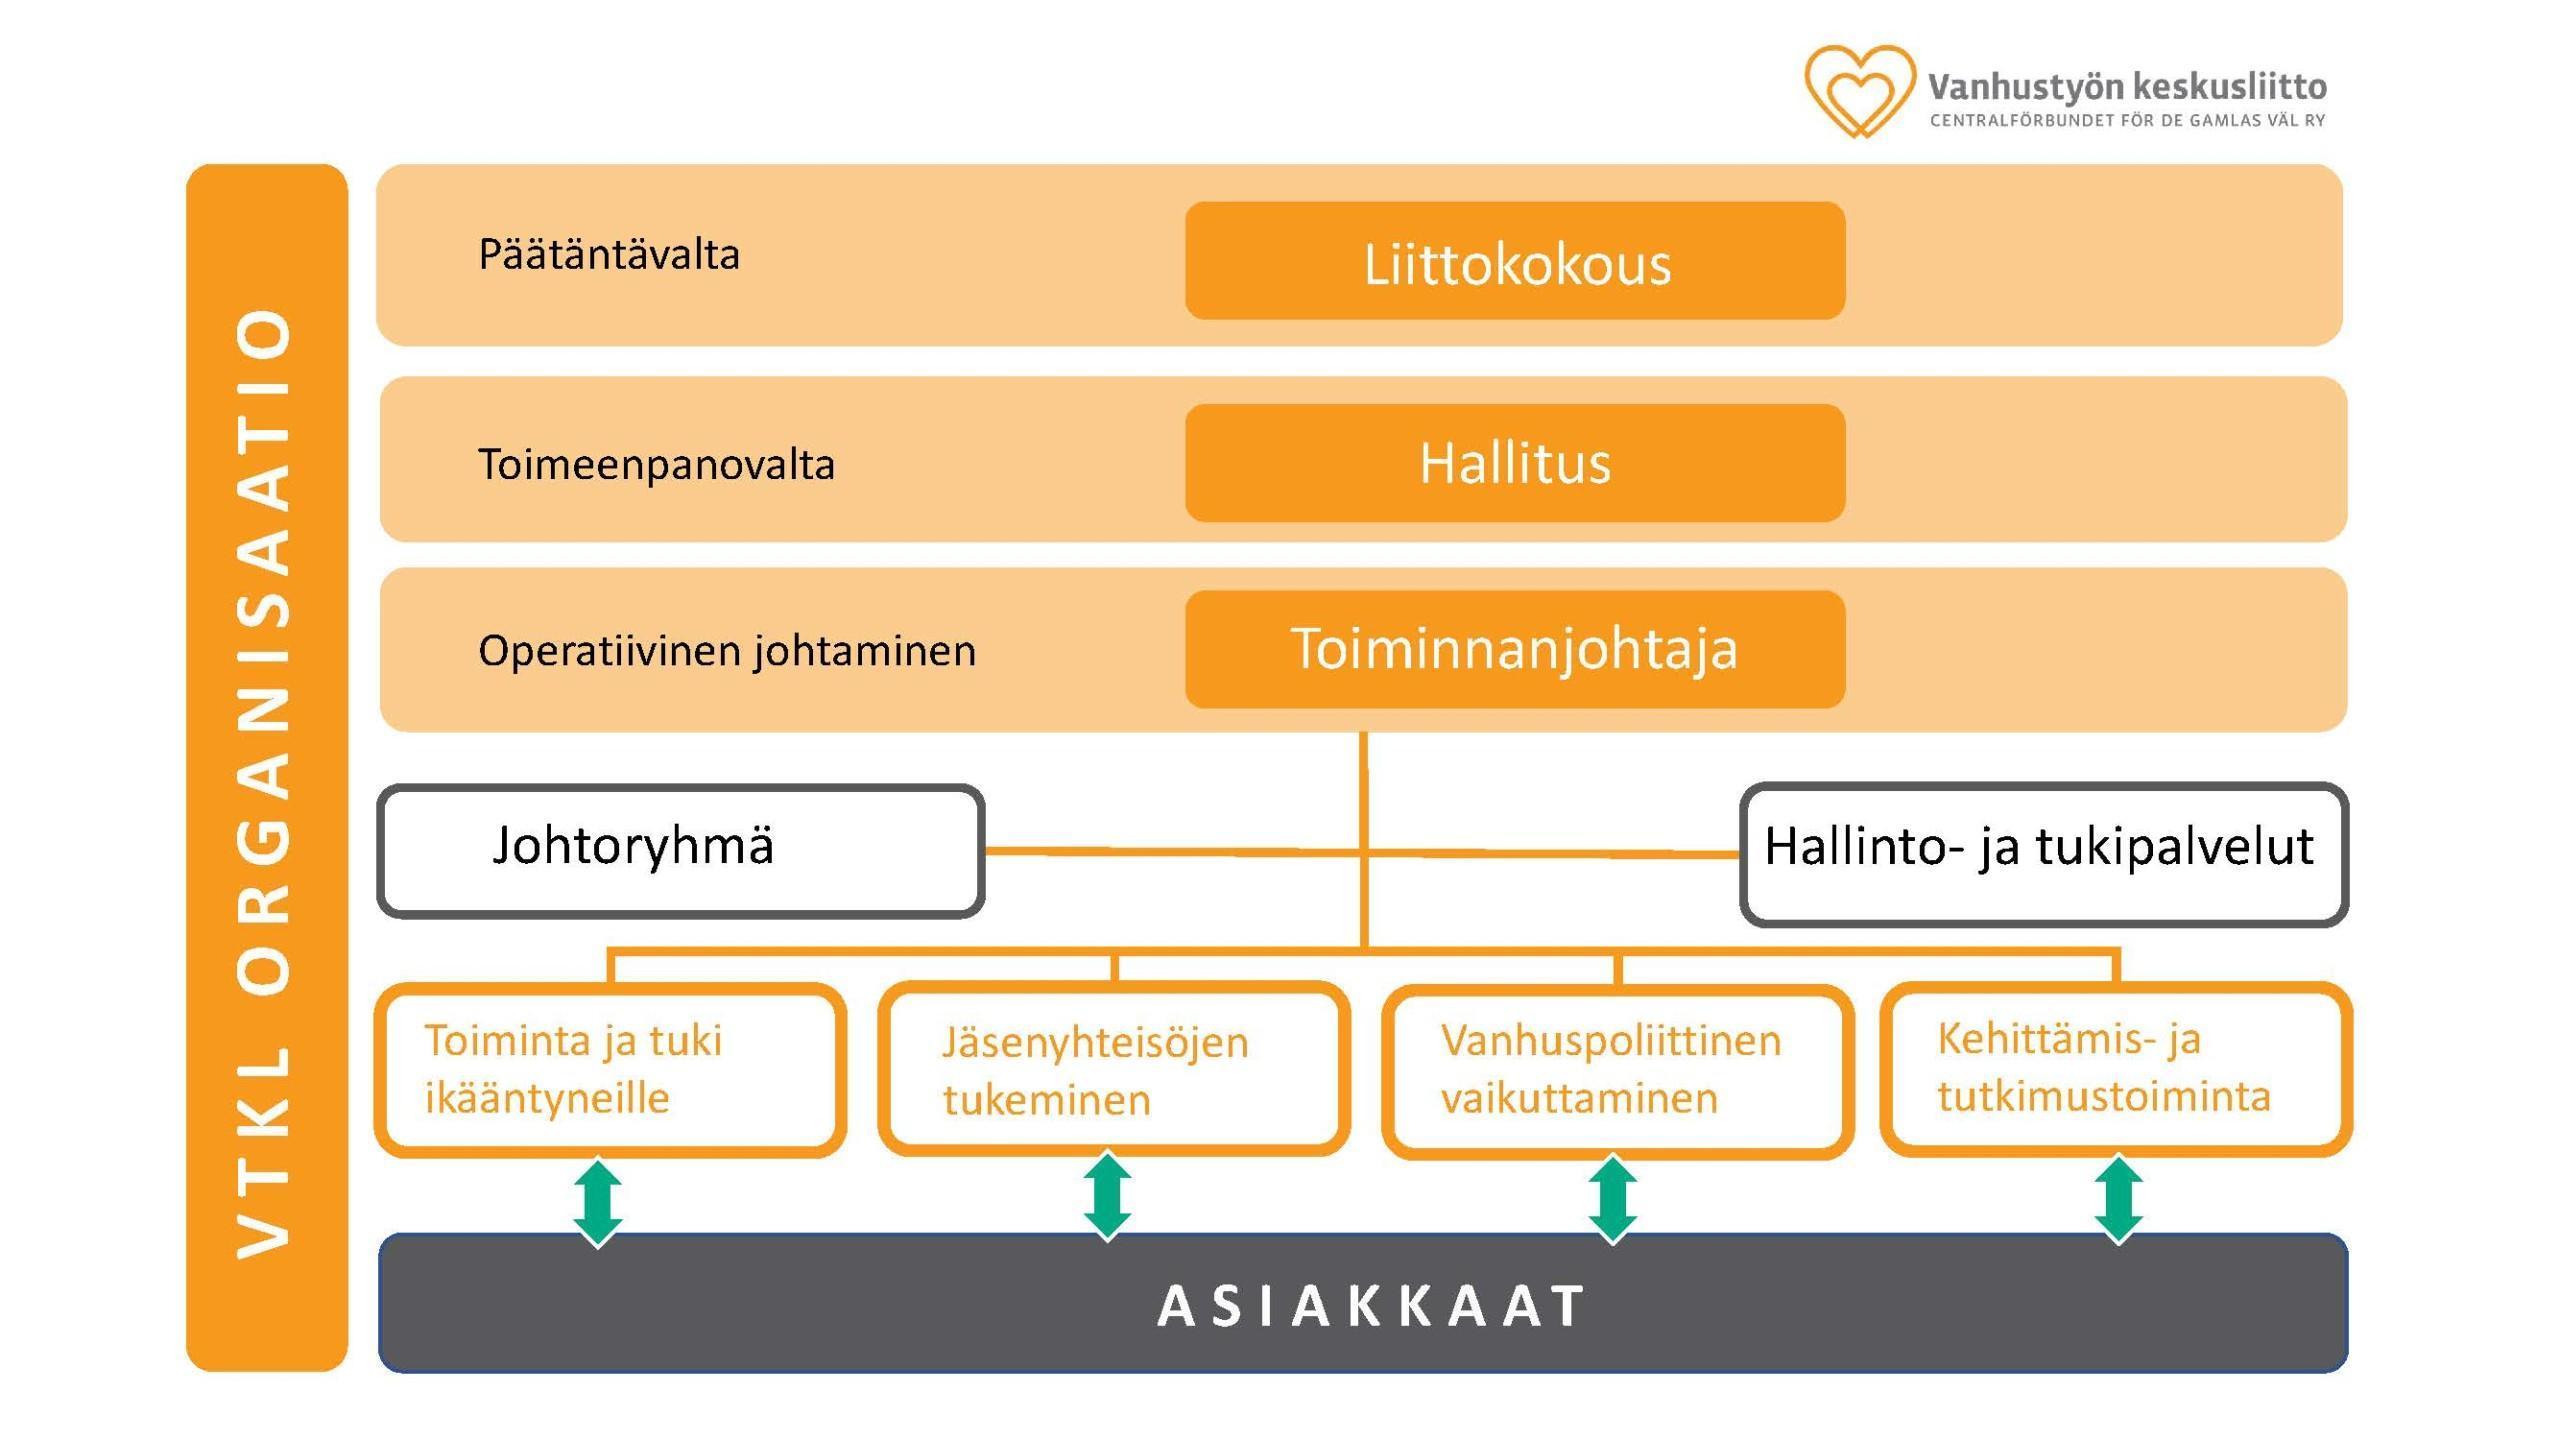 Vanhustyön keskusliiton organisaatiokaavio